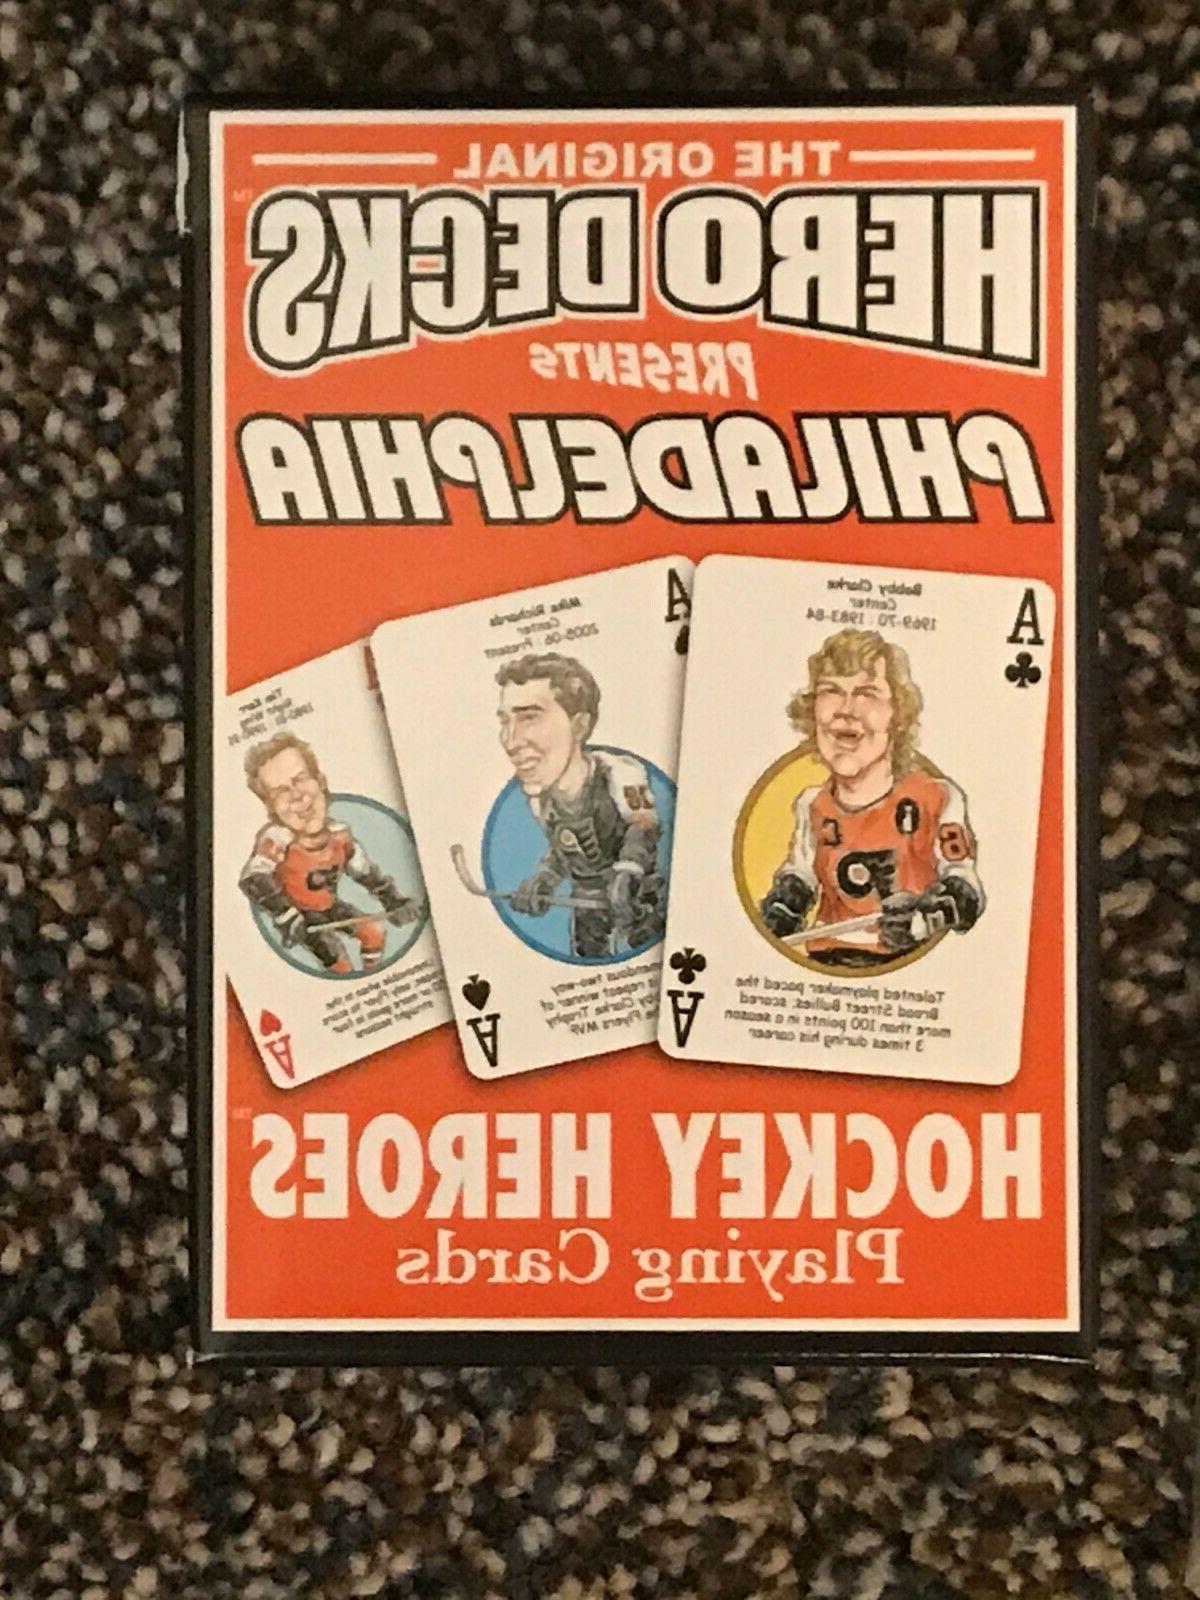 PHILADELPHIA MEMORABILIA Cards/Card &